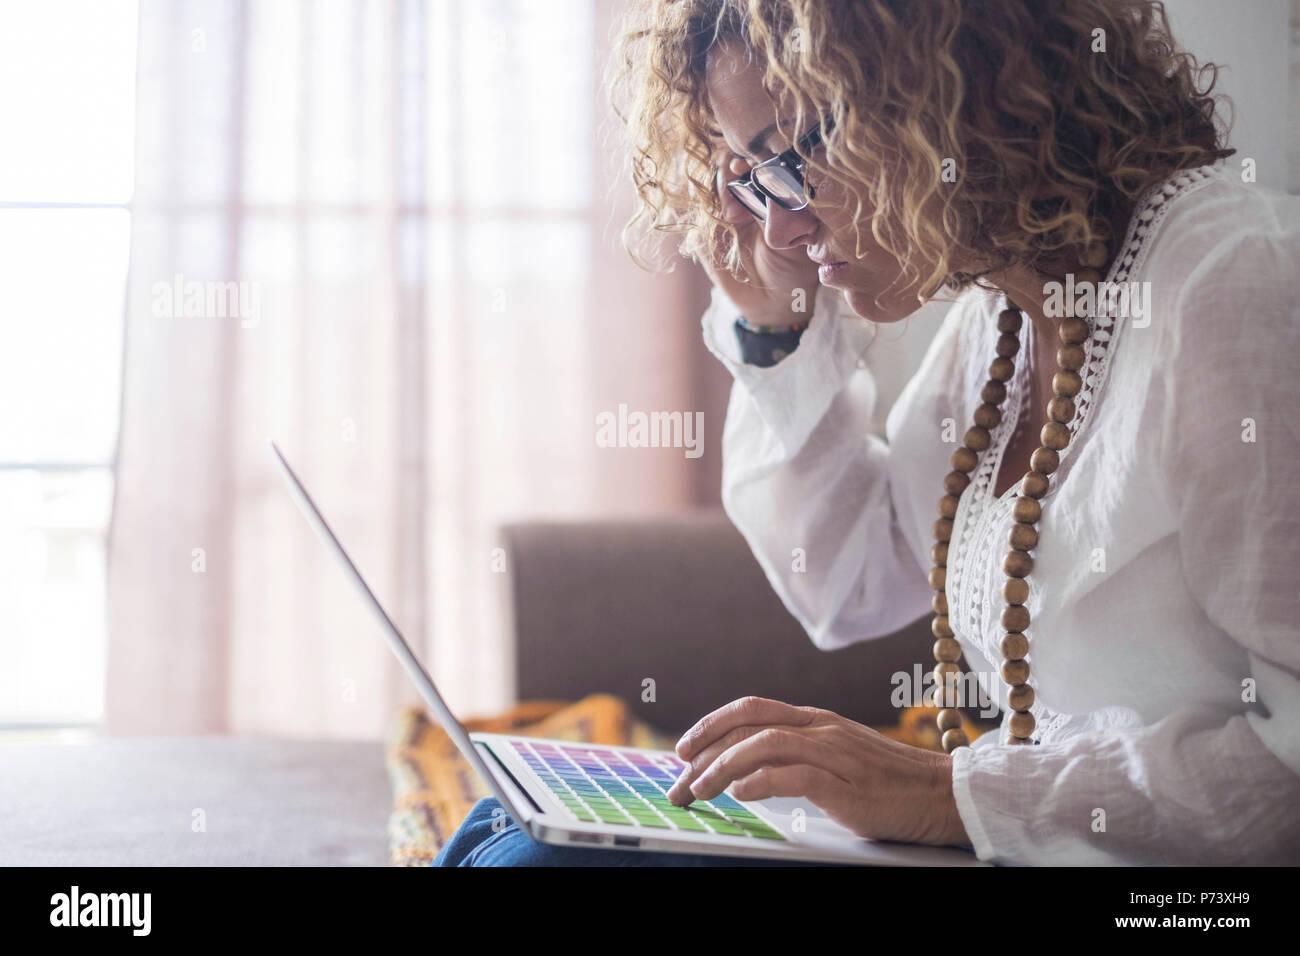 Malheureux et laid beau caucasian woman working on laptop at home. alternative office concept pour les gens de vivre dans la liberté de vie. comput de couleur Photo Stock